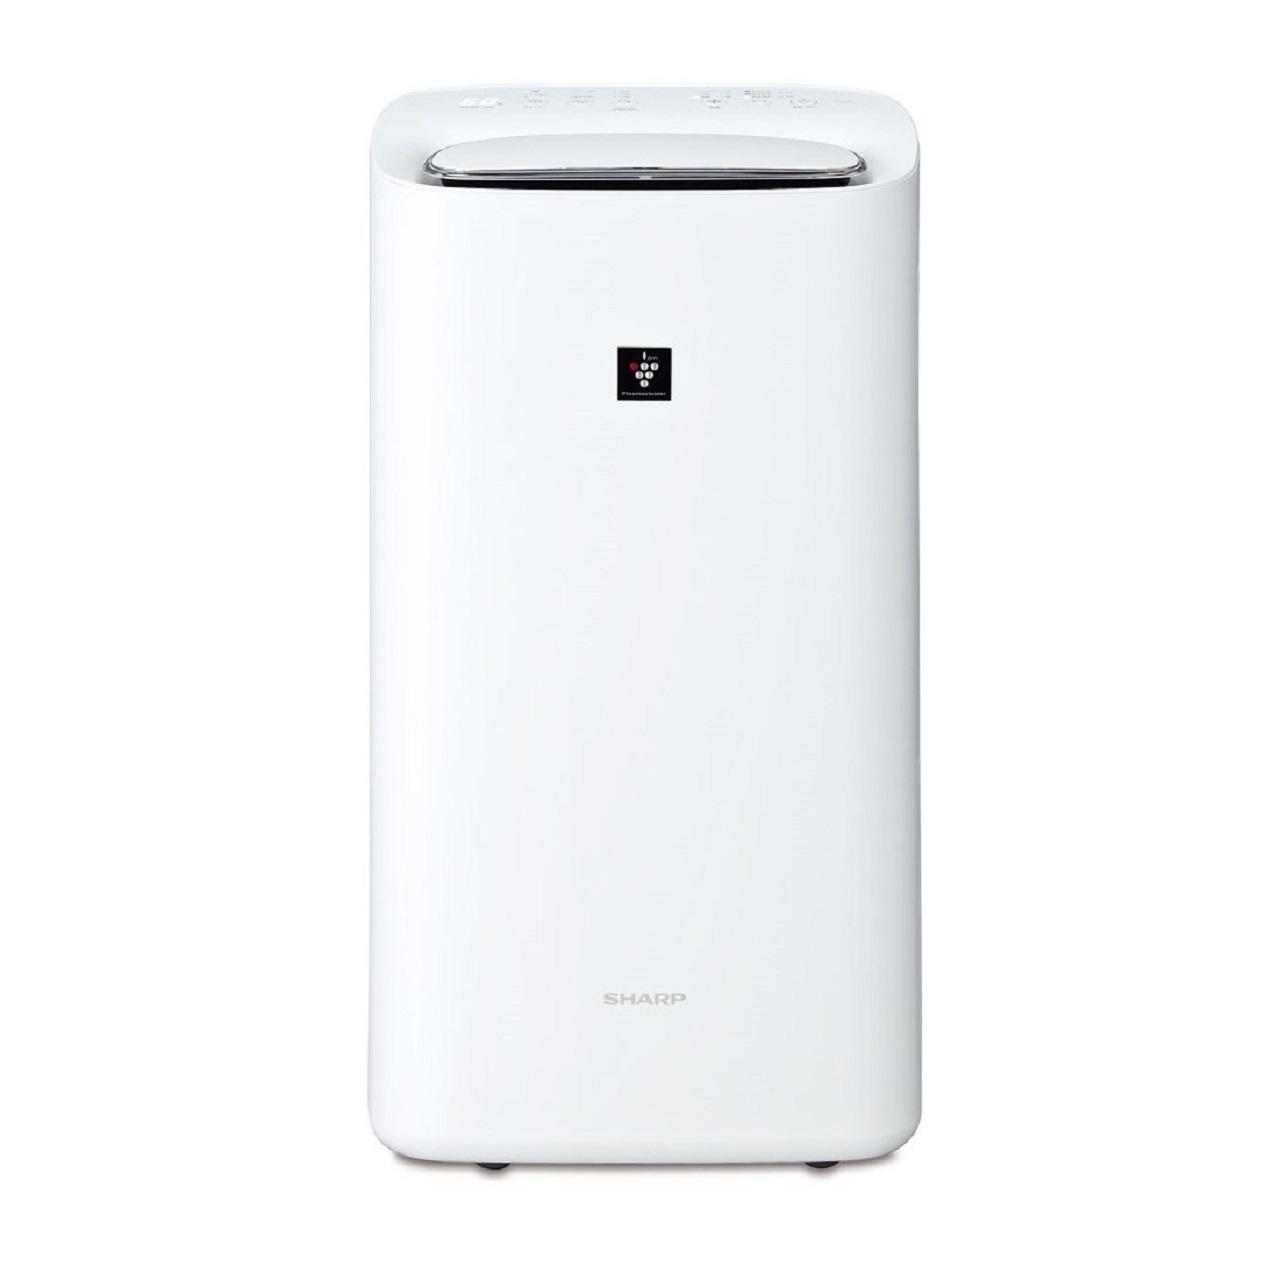 シャープKI-LD50プラズマクラスター除加湿空気清浄機が激安価格で買える